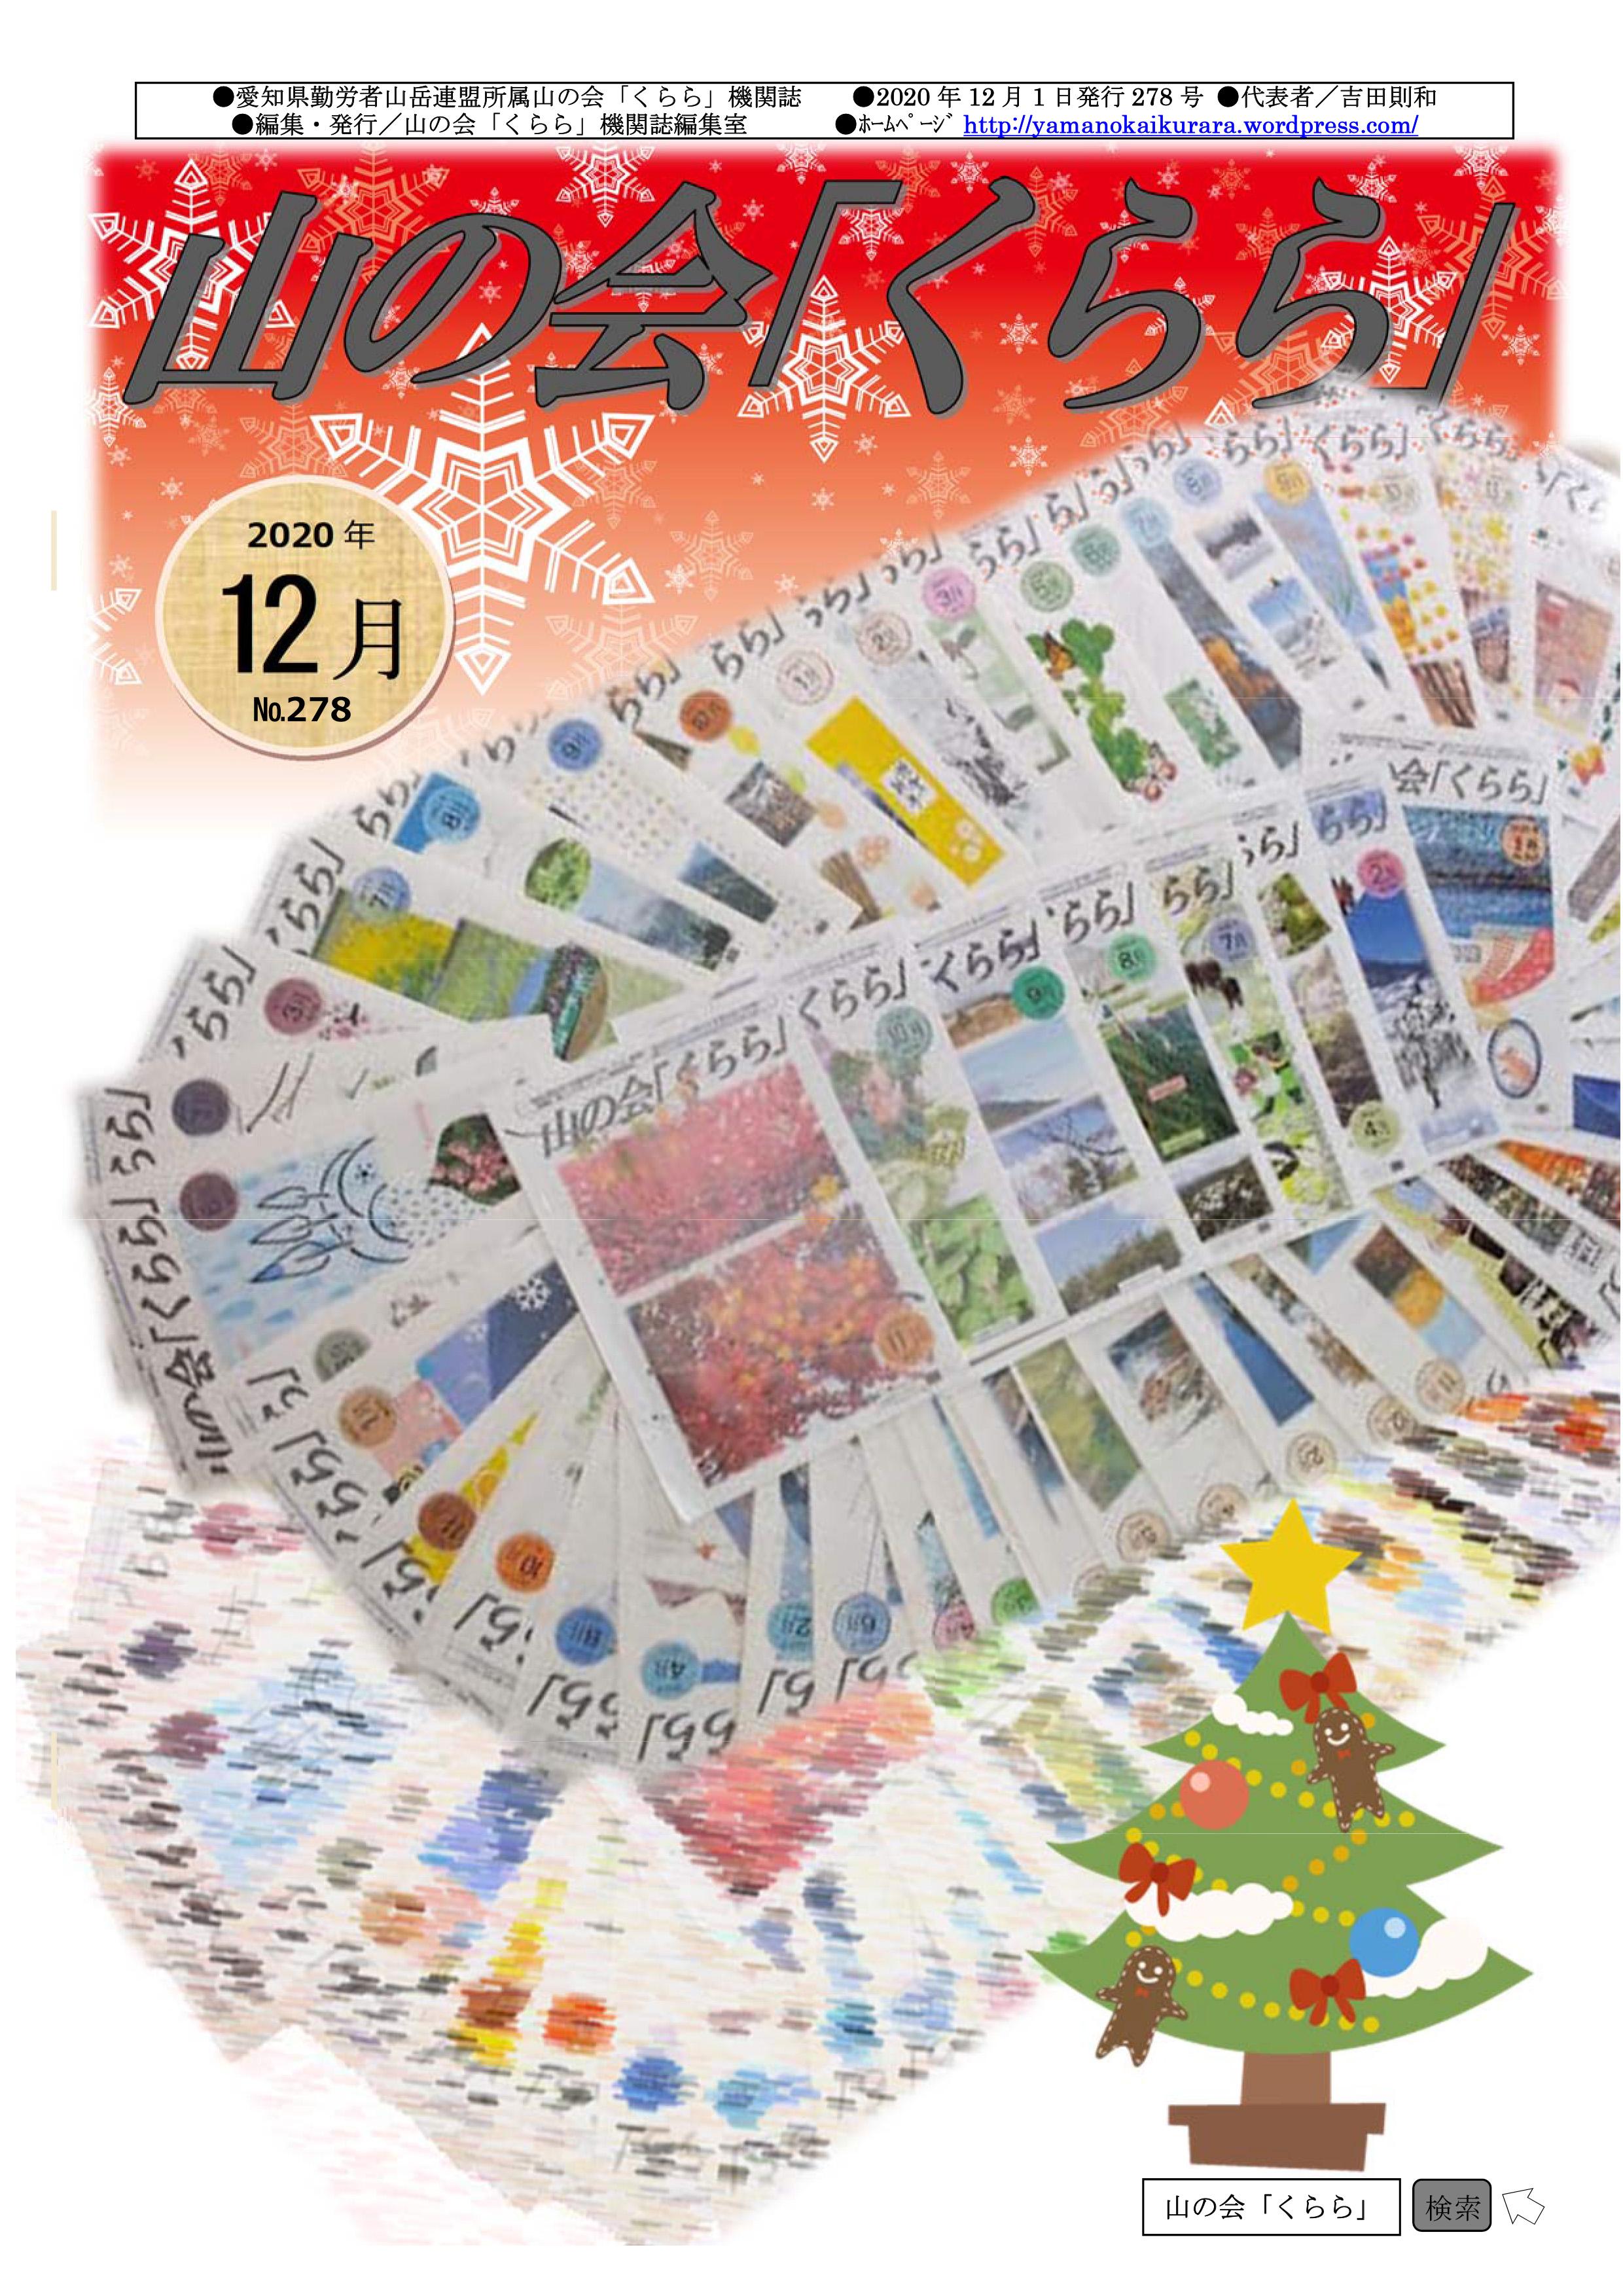 2020/12/08  会報誌の表紙のギャラリーを作成しました